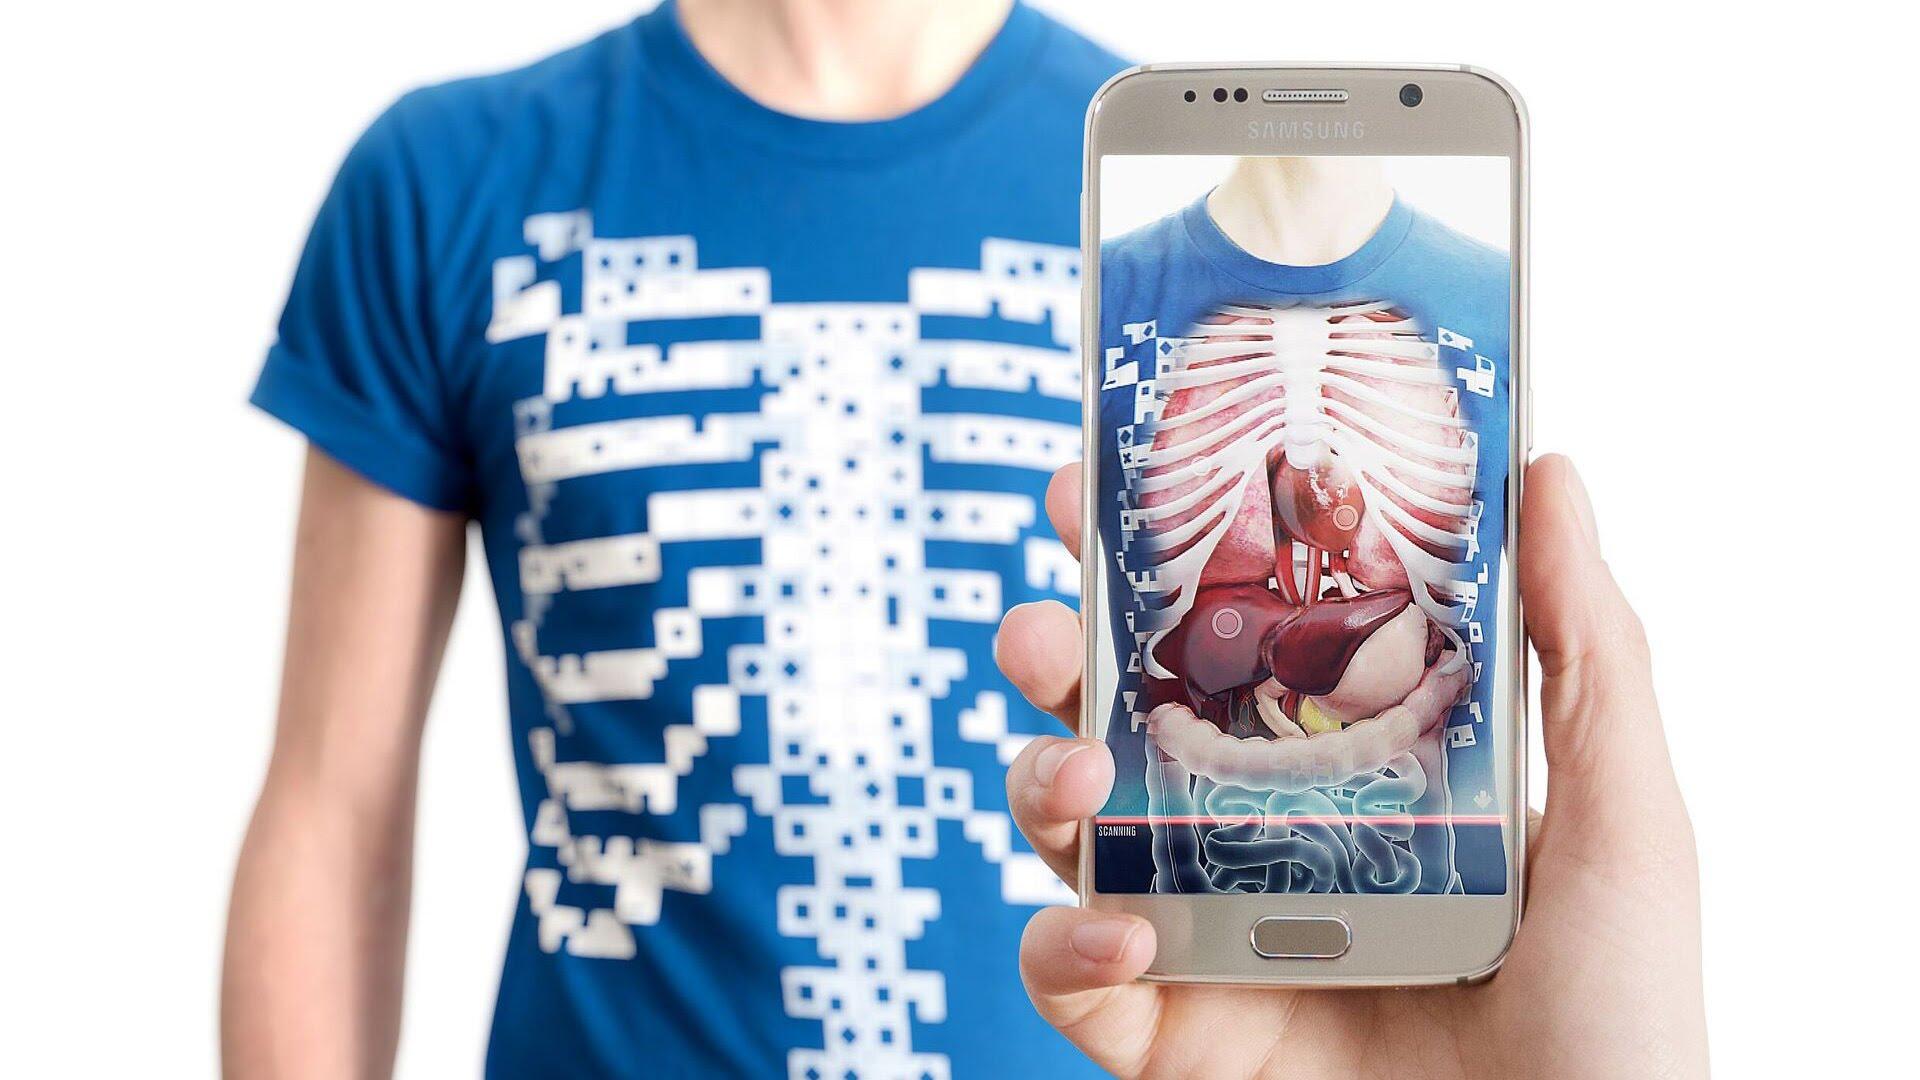 Virtuali-Tee nos permite ver el cuerpo por dentro